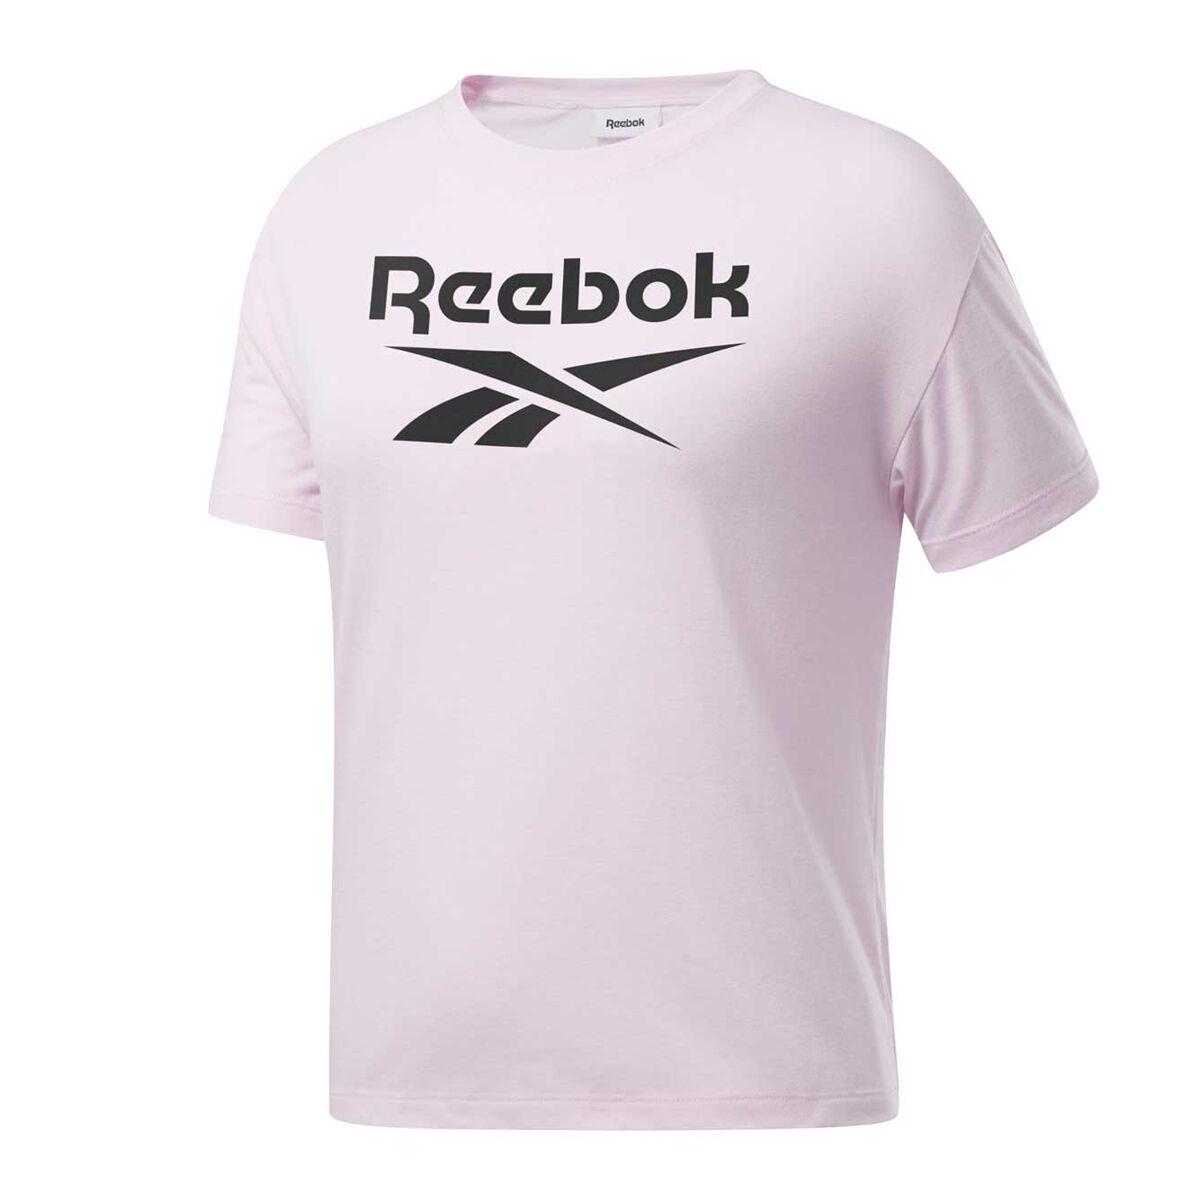 Reebok | Rebel